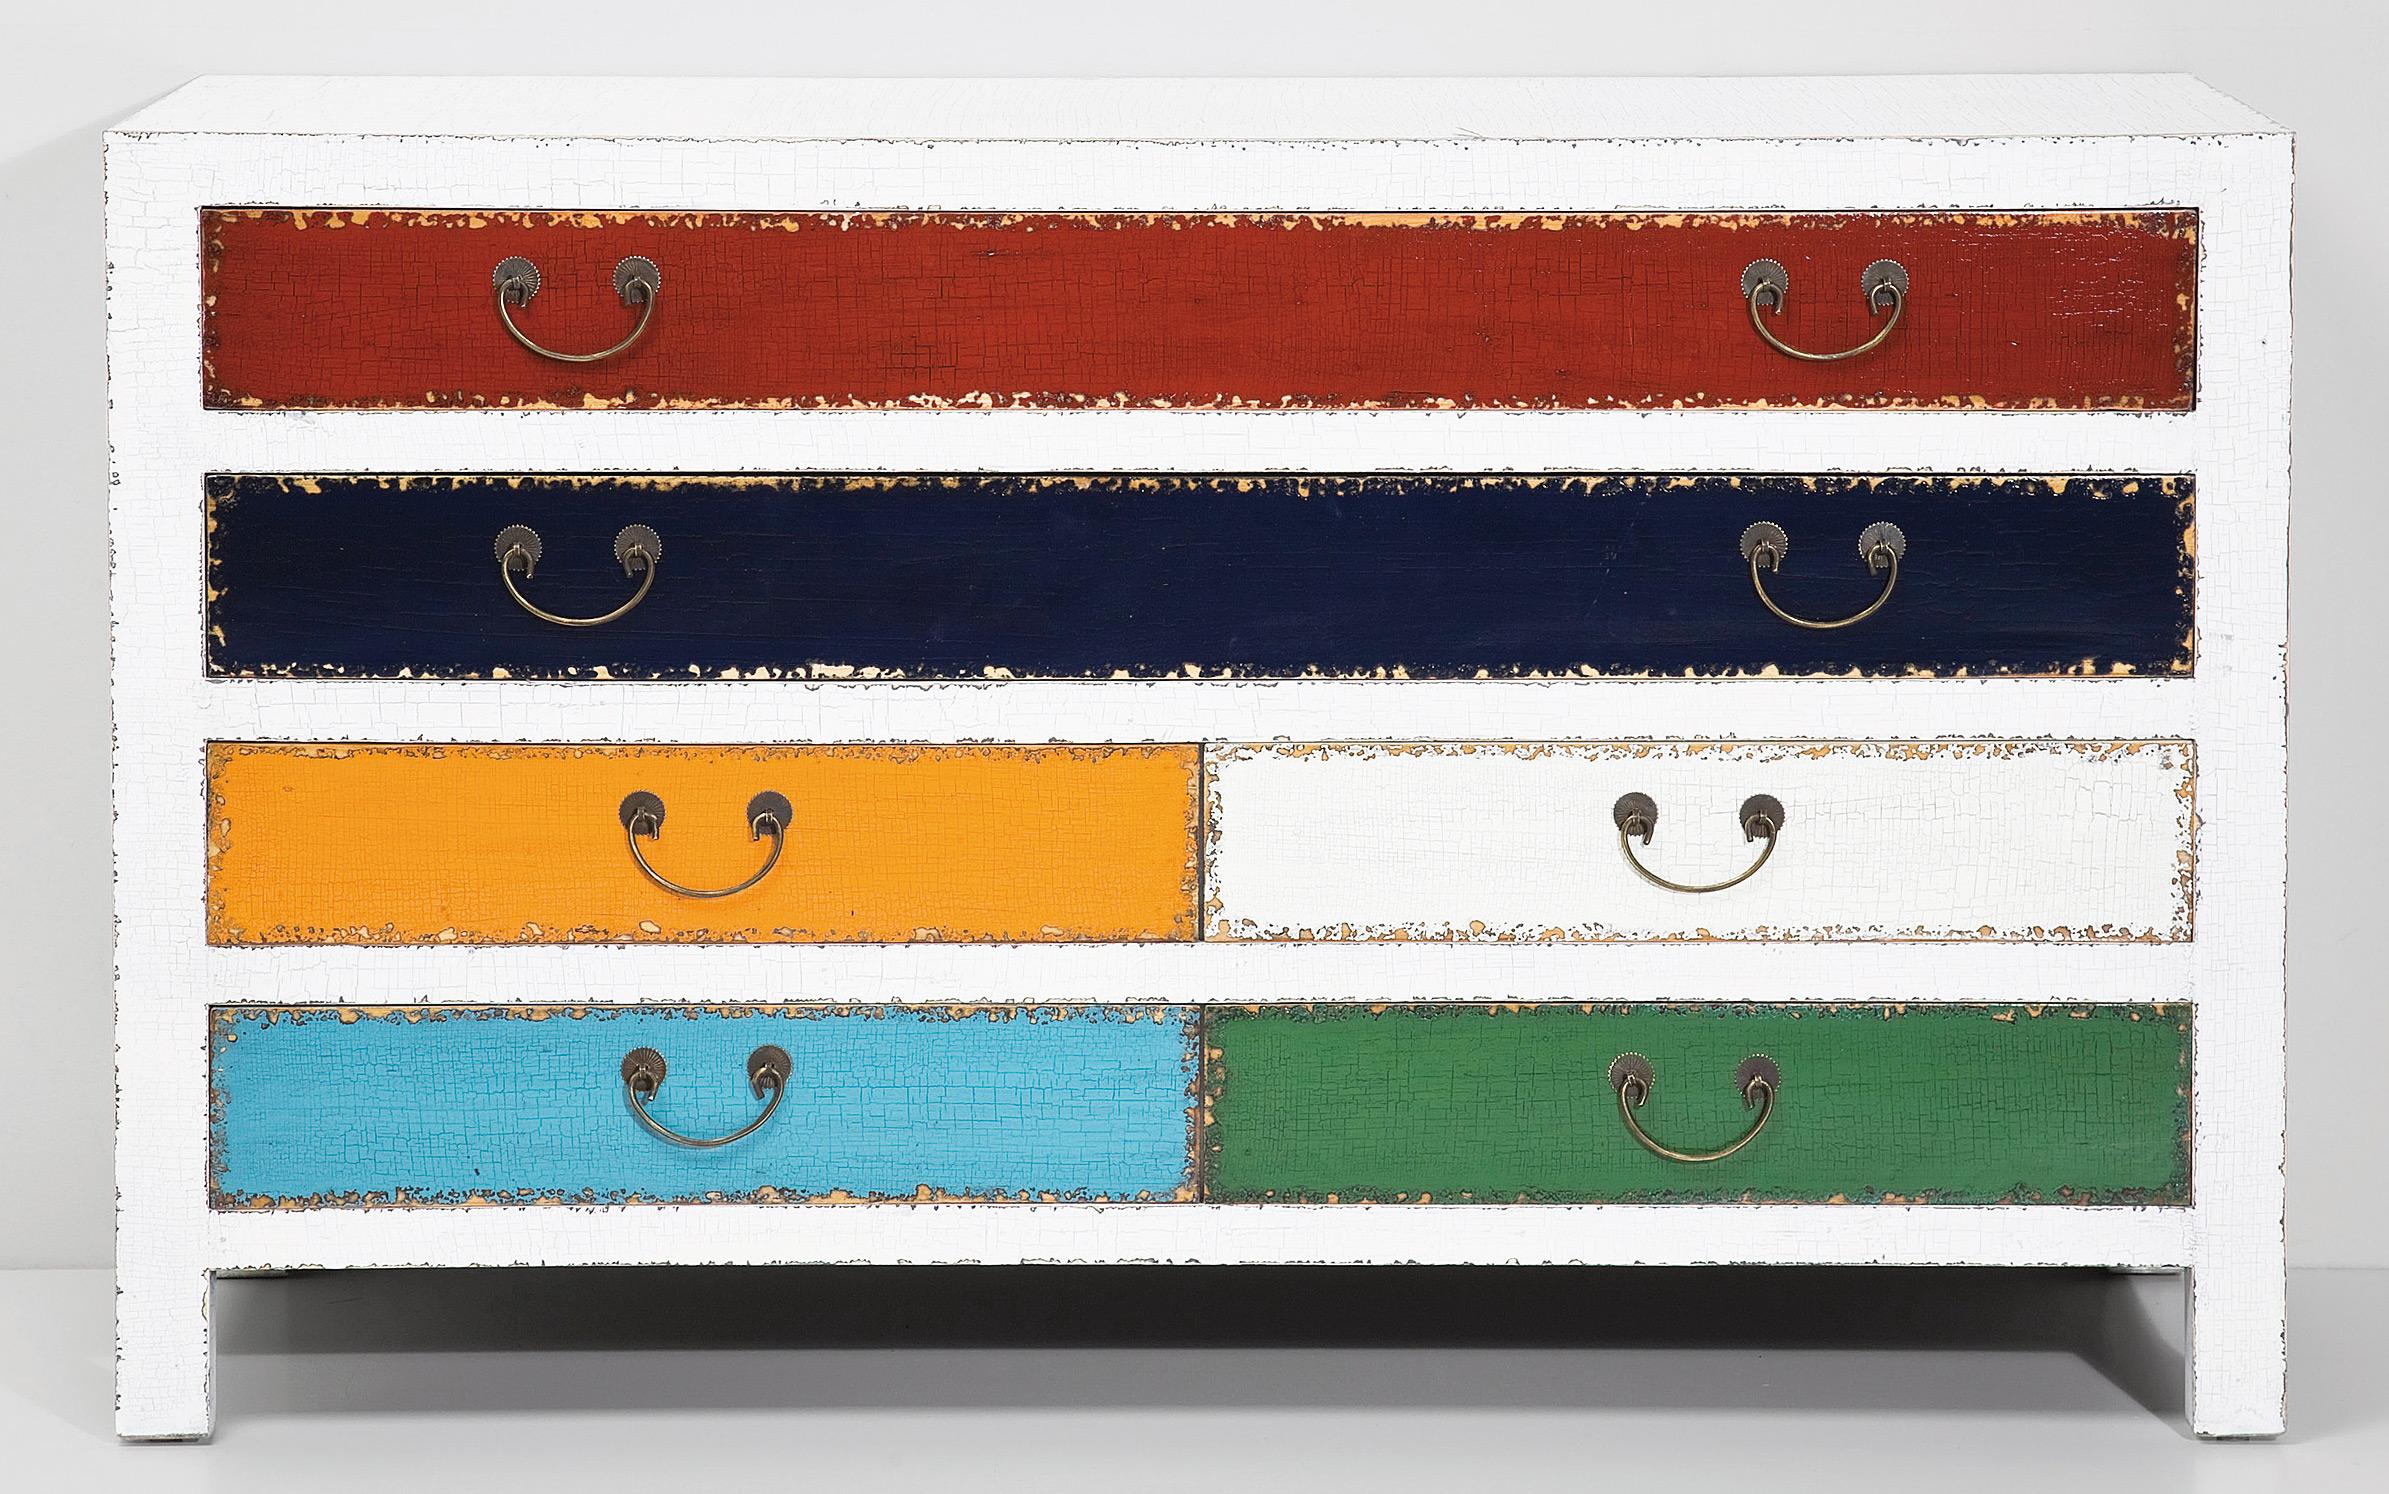 Das Bild zeigt eine Harlekin antik Kommode weiß im Kolonialstil aus Massivholz mit Schubladen von Kare Design.